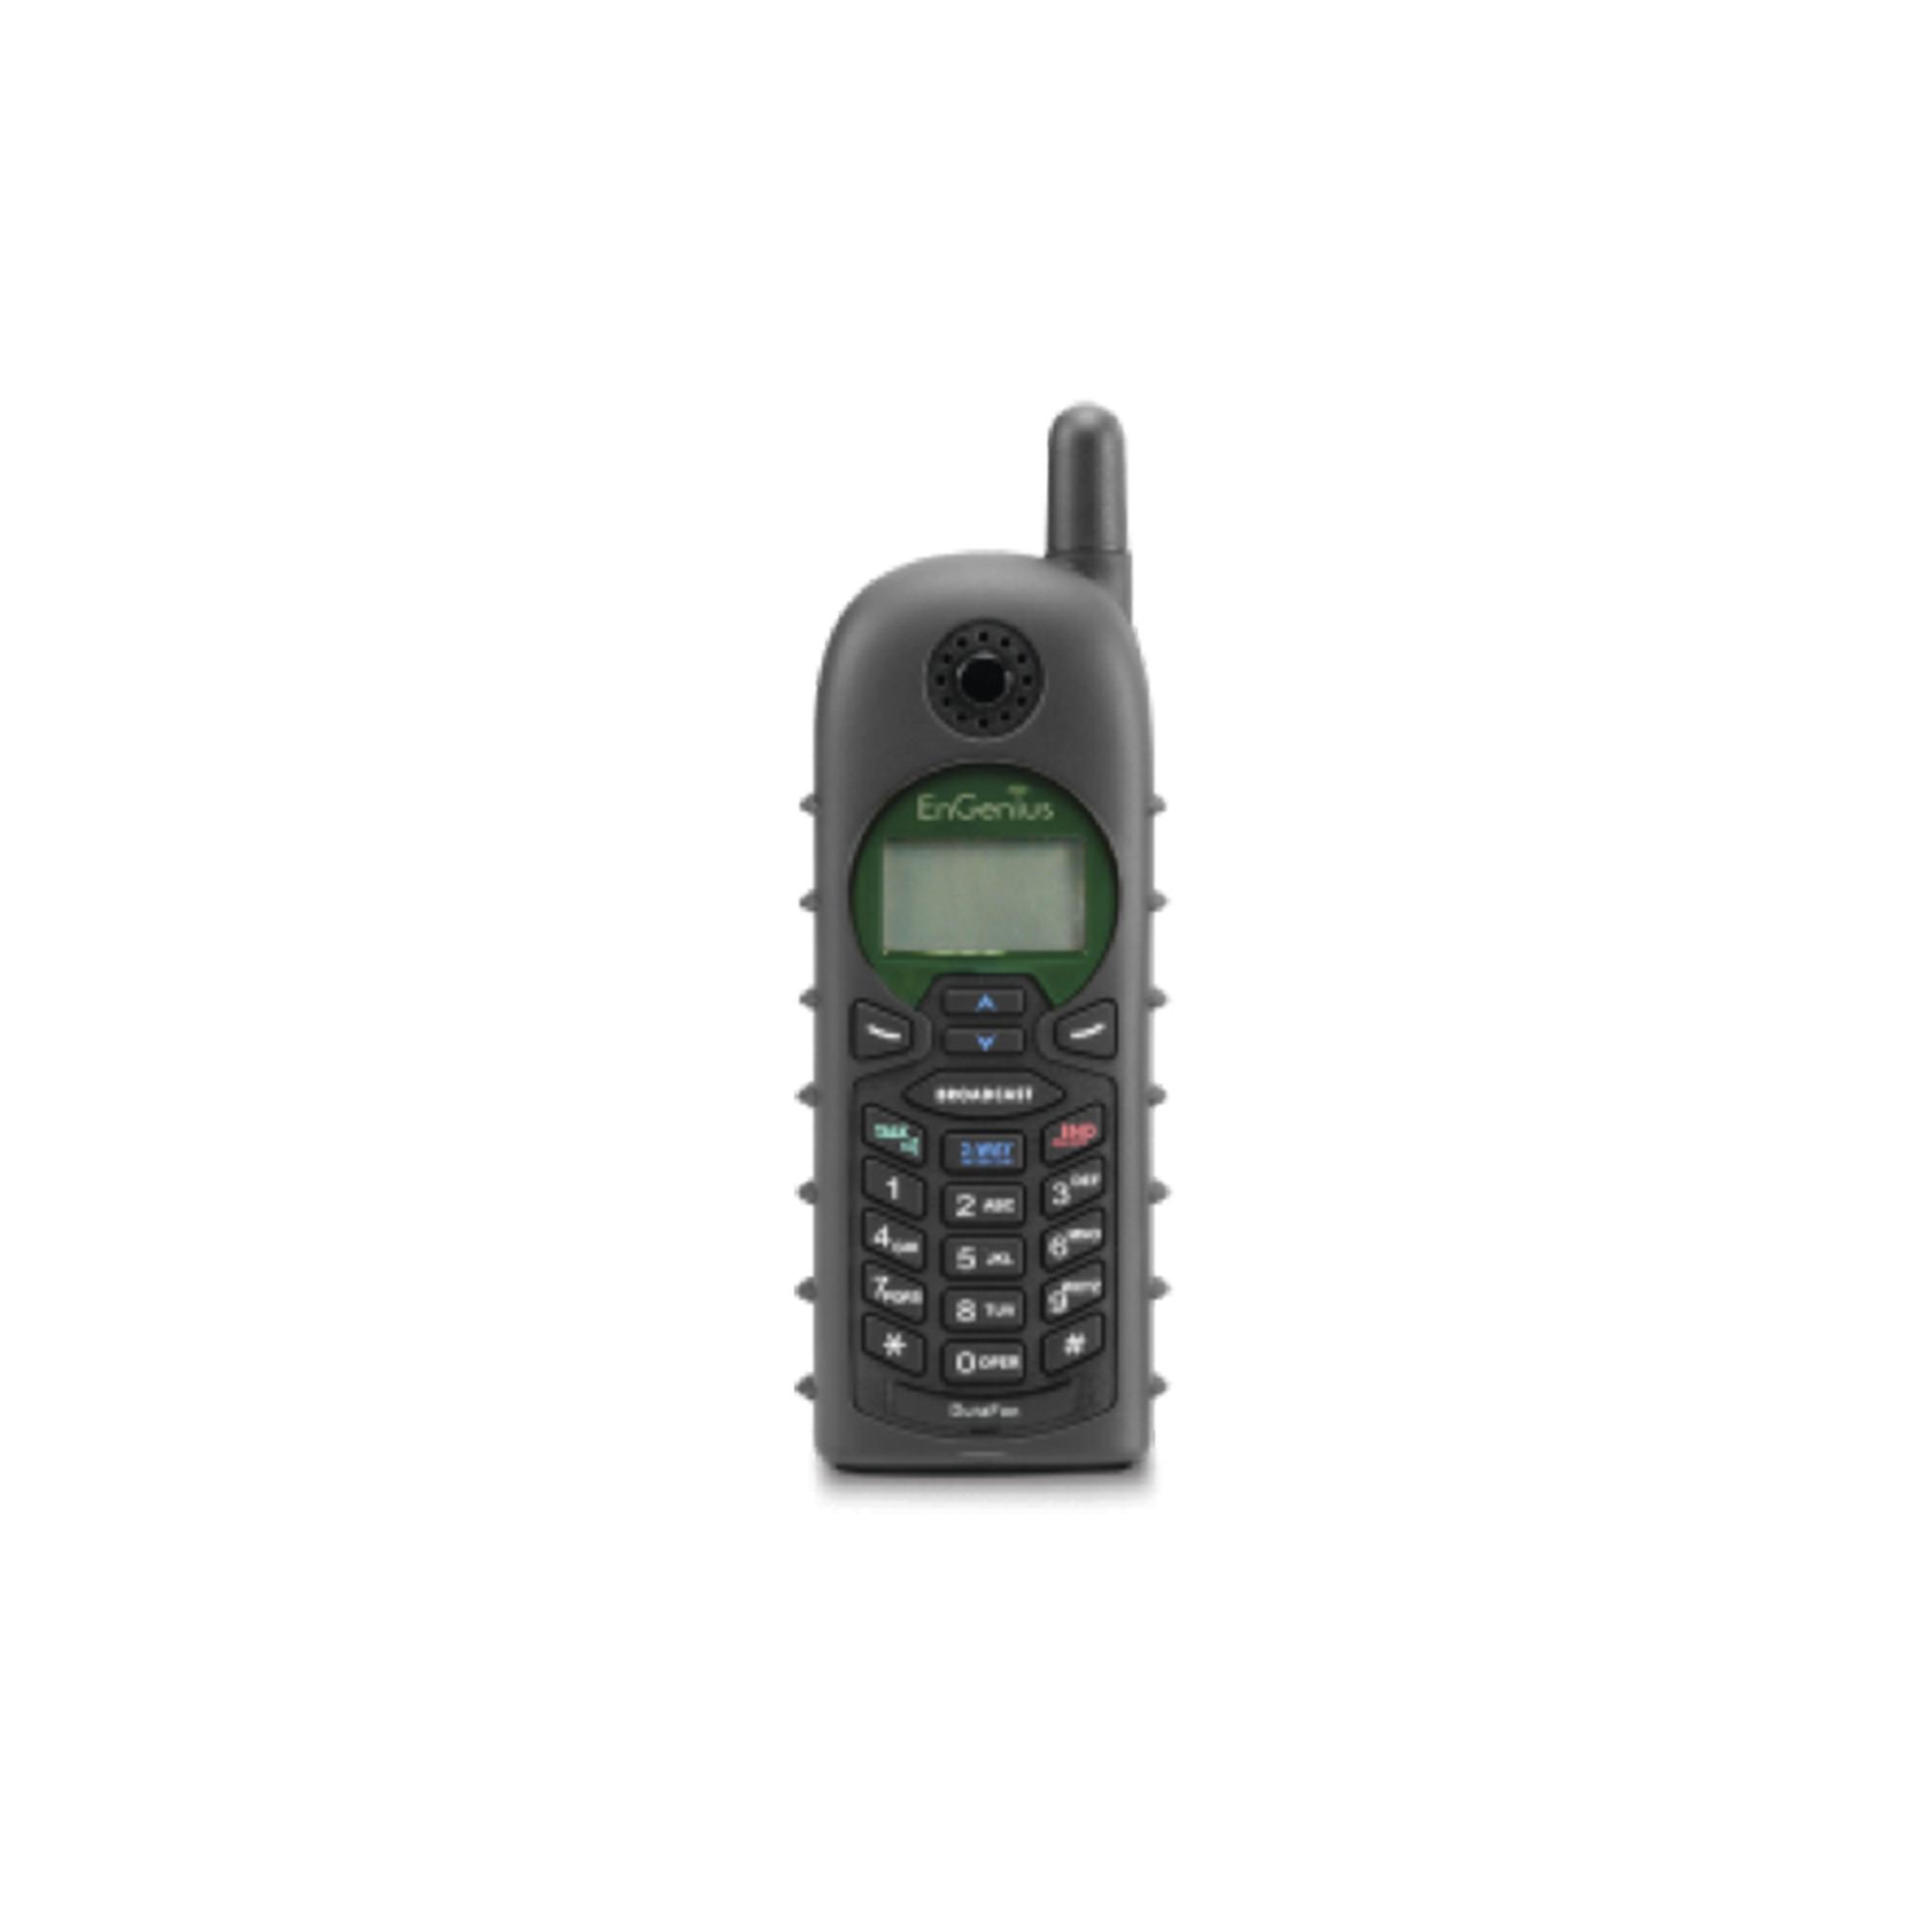 Teléfono Inalámbrico de Largo Alcance para Expansión con Sistemas DuraFon PRO,PSL,USL, UHF-SYS